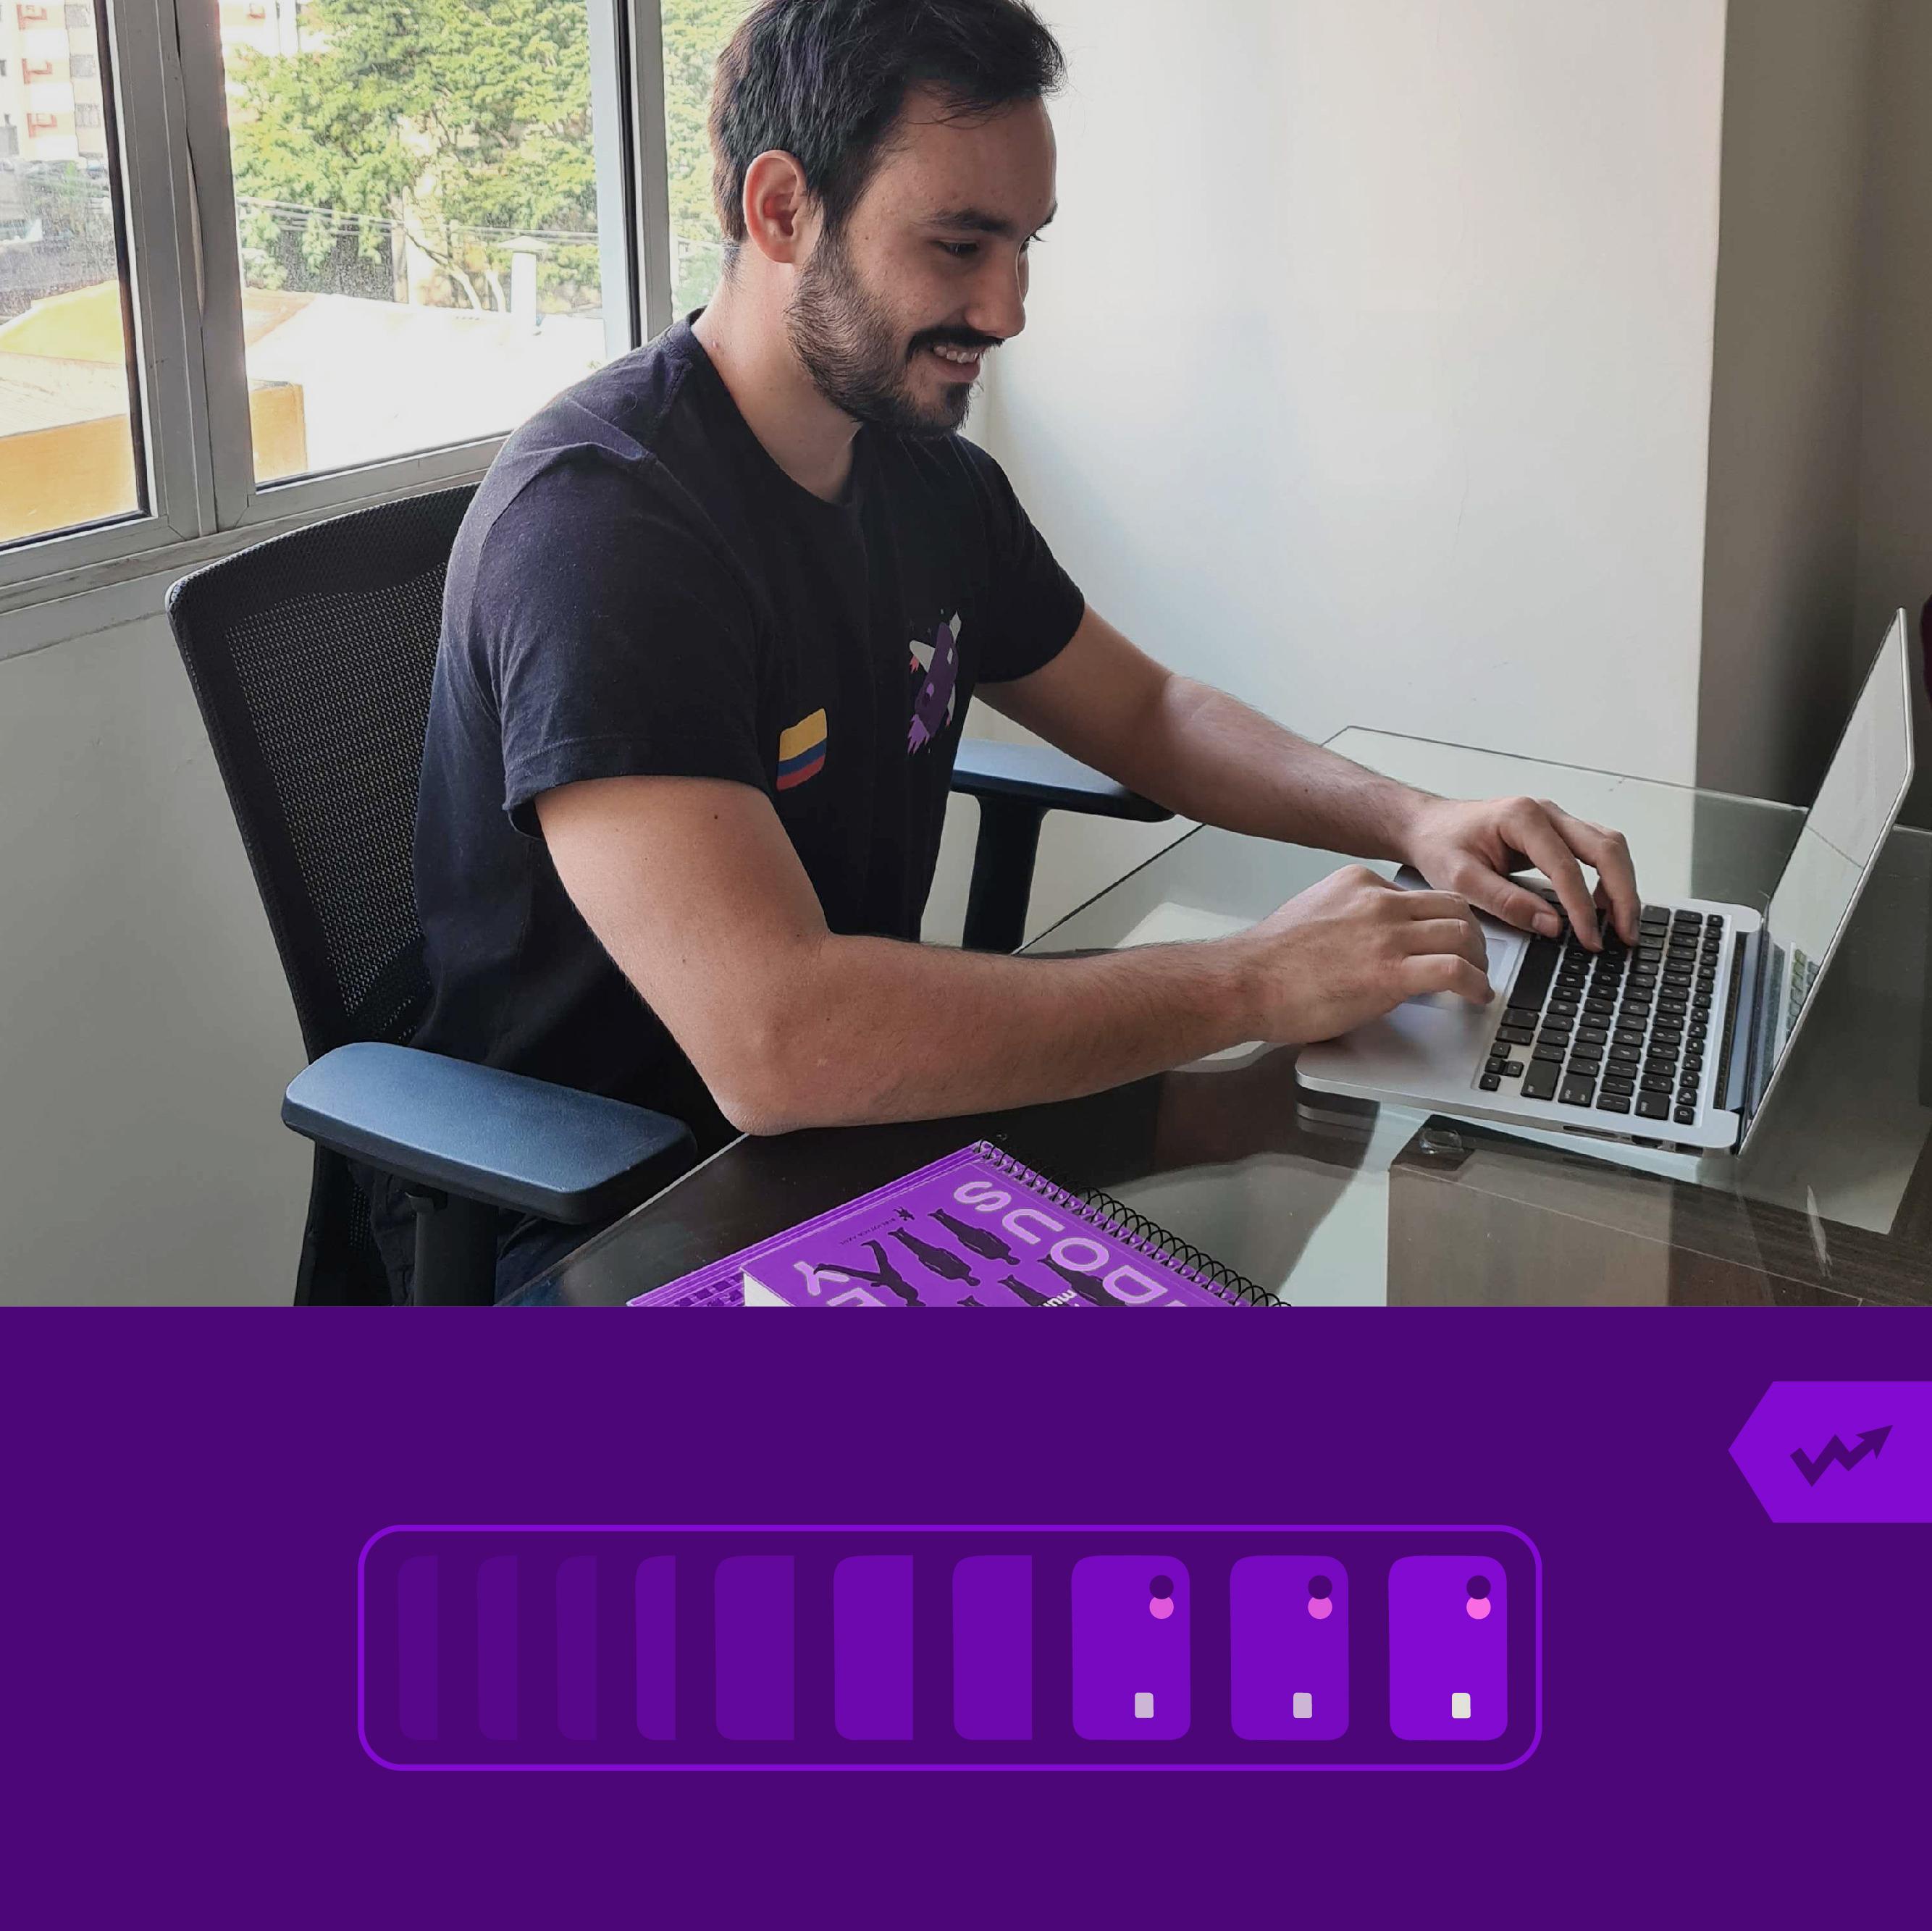 Yuri Muzzi, gerente de Análisis de Negocios de Nu trabaja en su computador con un libro de Aldous Huxley a su lado y piensa cómo expandir el crédito de Nu